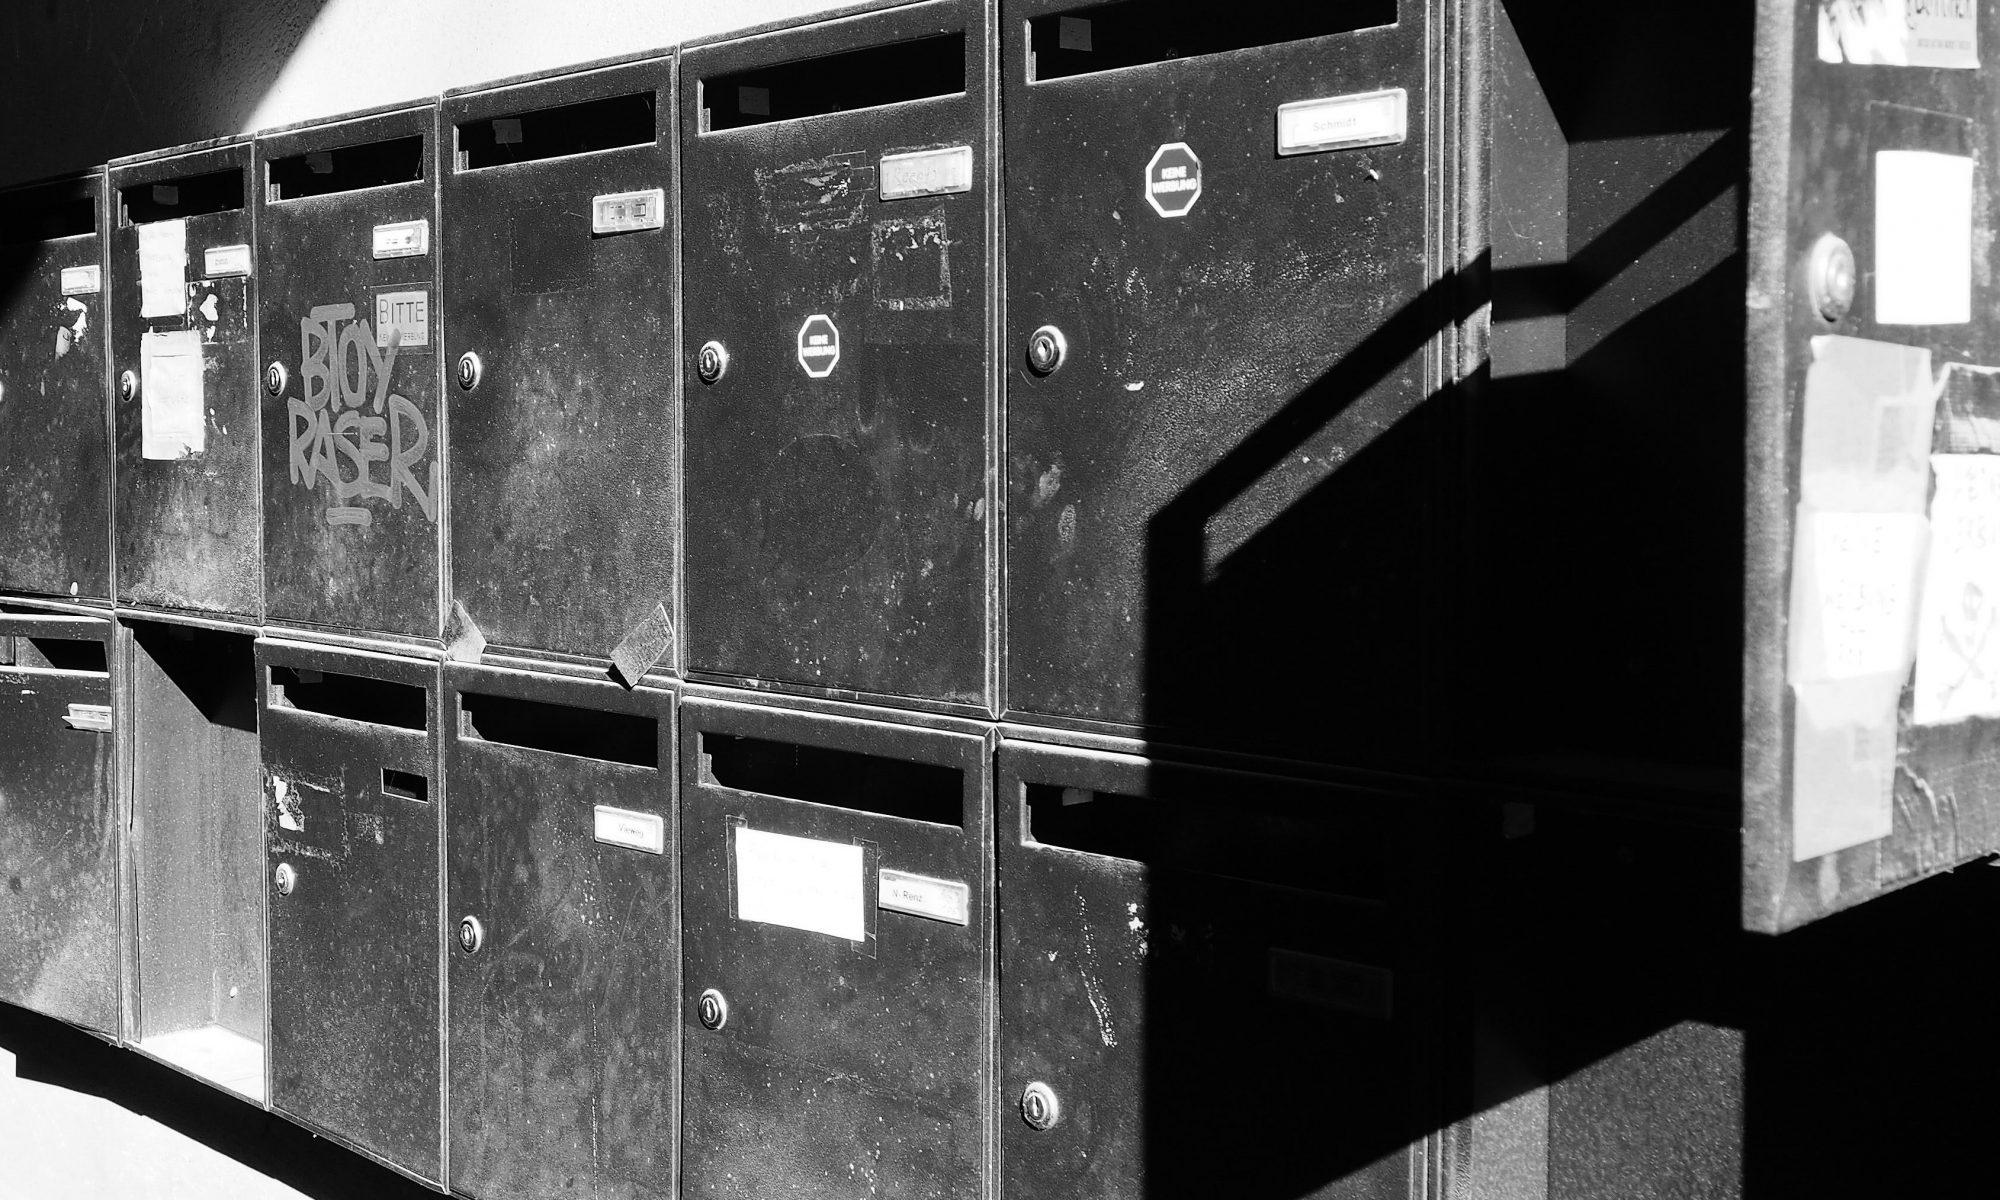 Briefkästen in Berlin © Gunnar Kruse / Flickr / CC BY 2.0